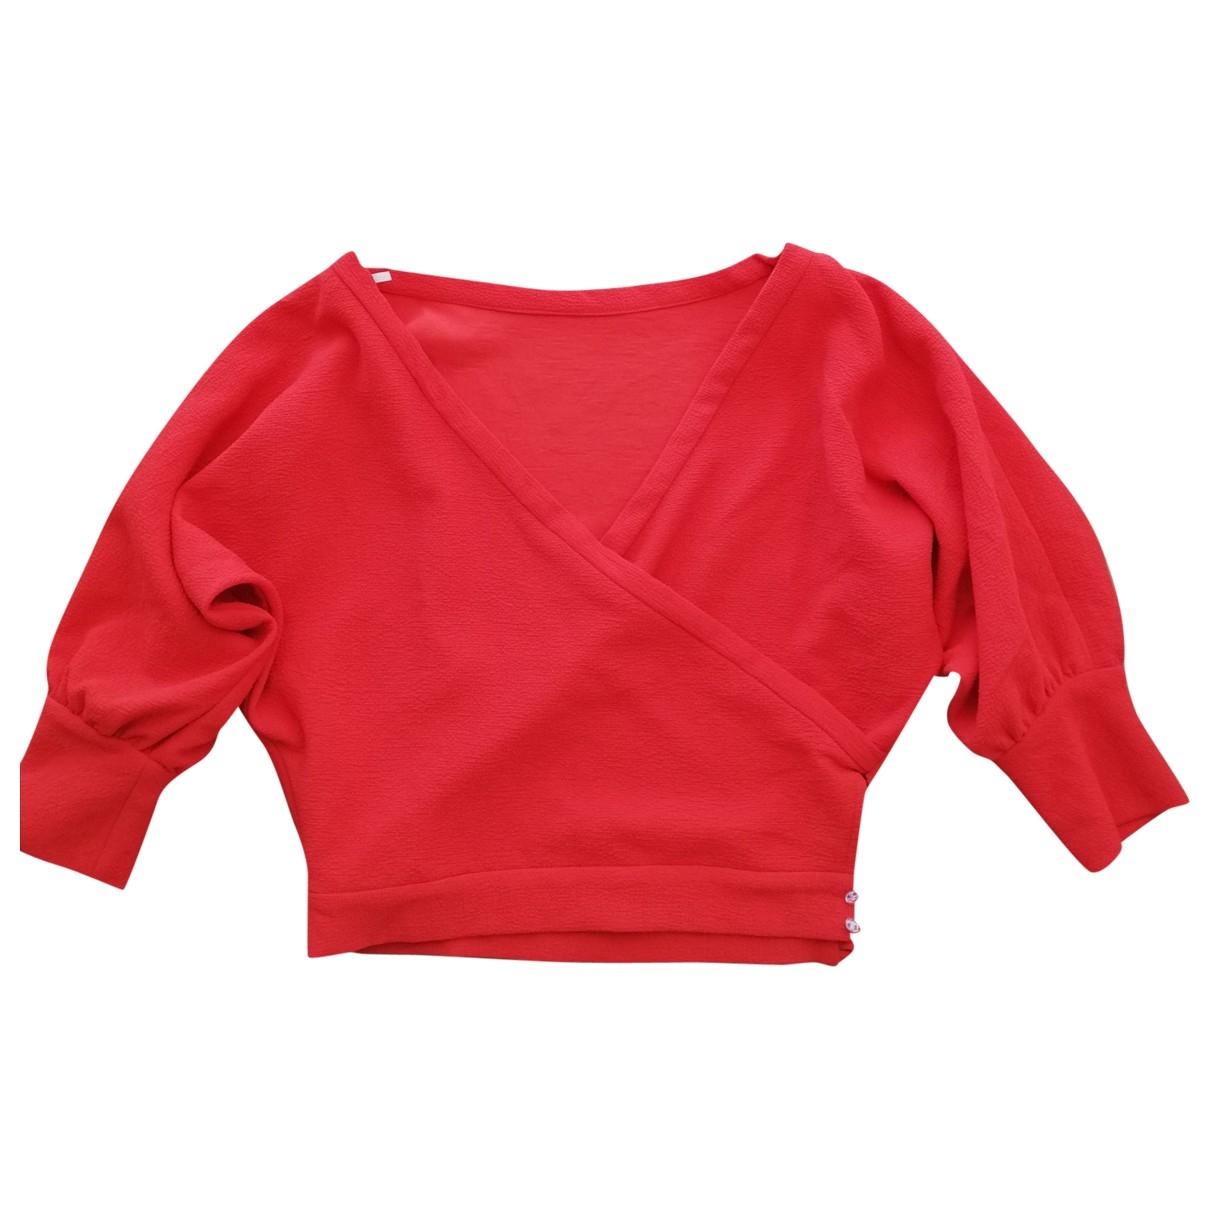 Rachel Comey - Top   pour femme - rouge